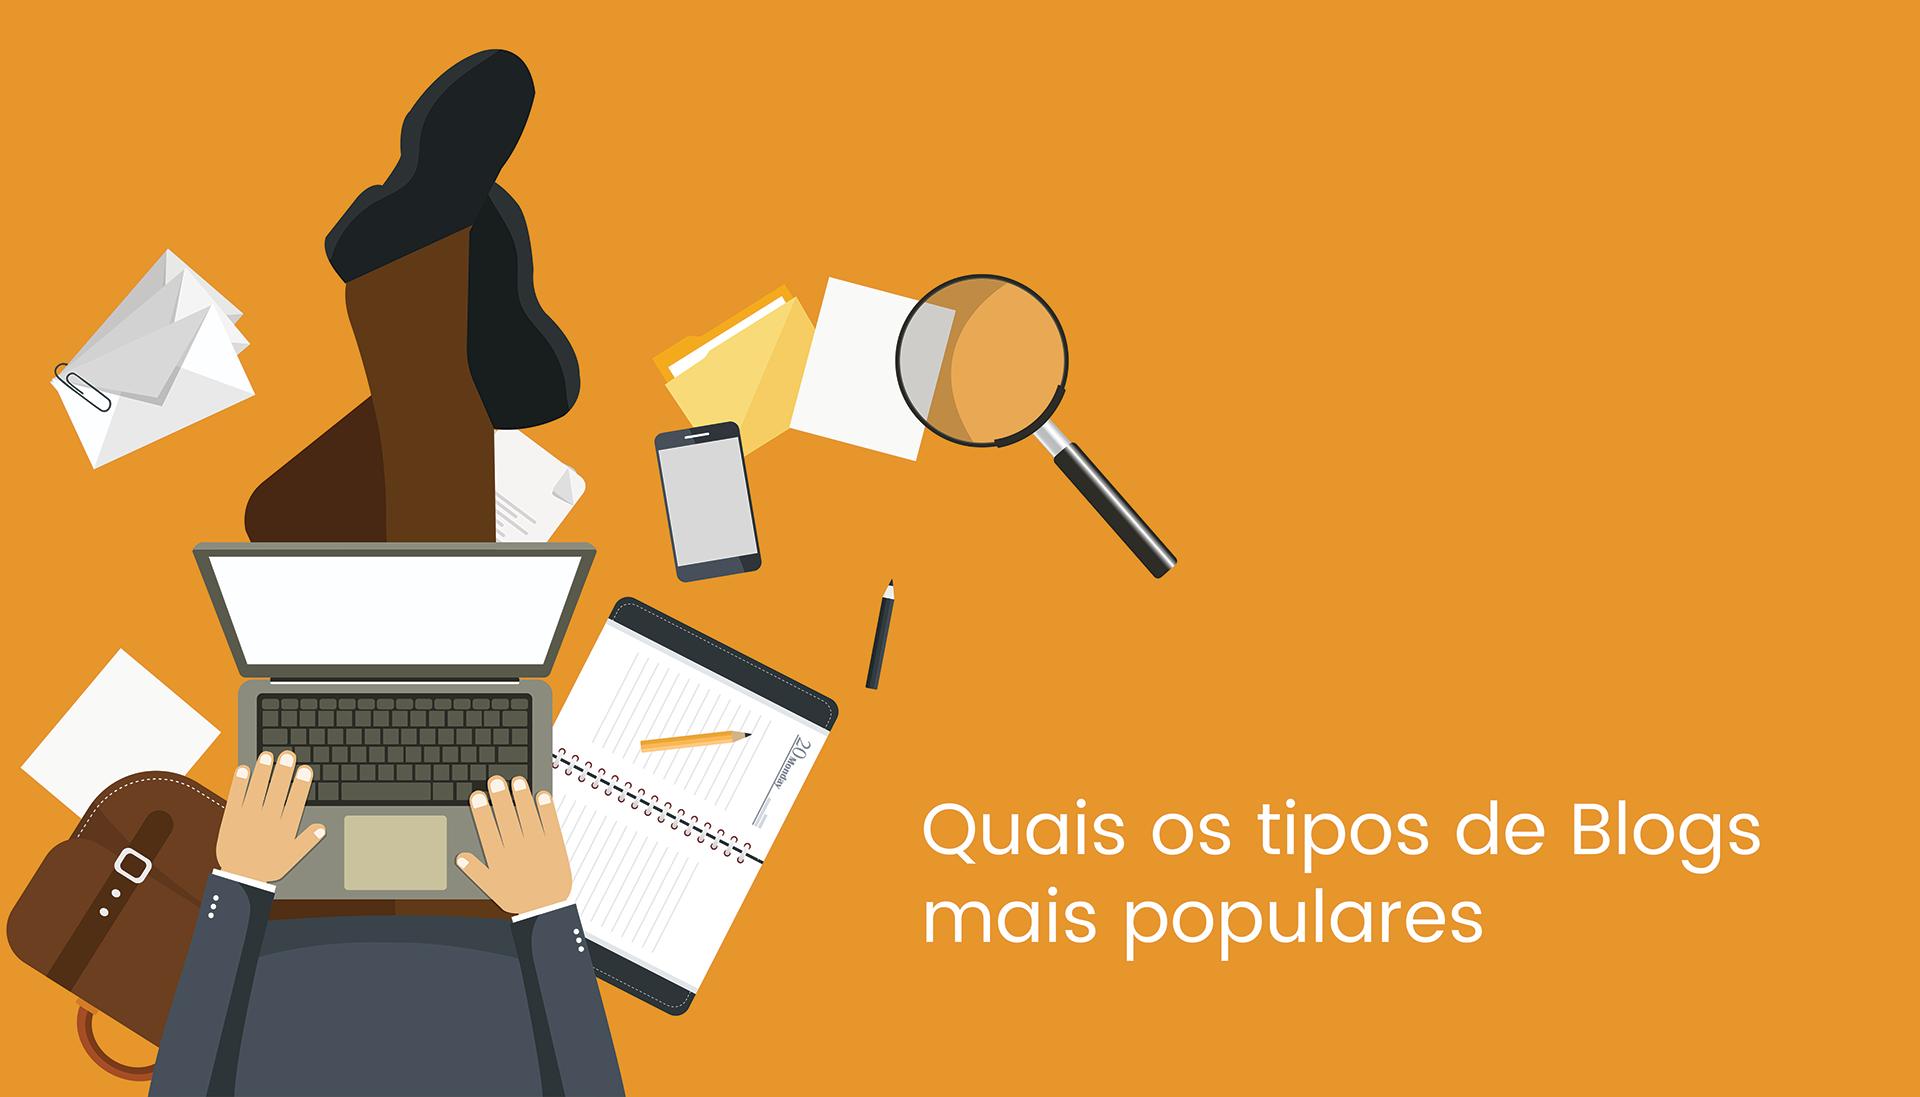 Quais são os tipos de blogs mais populares ?